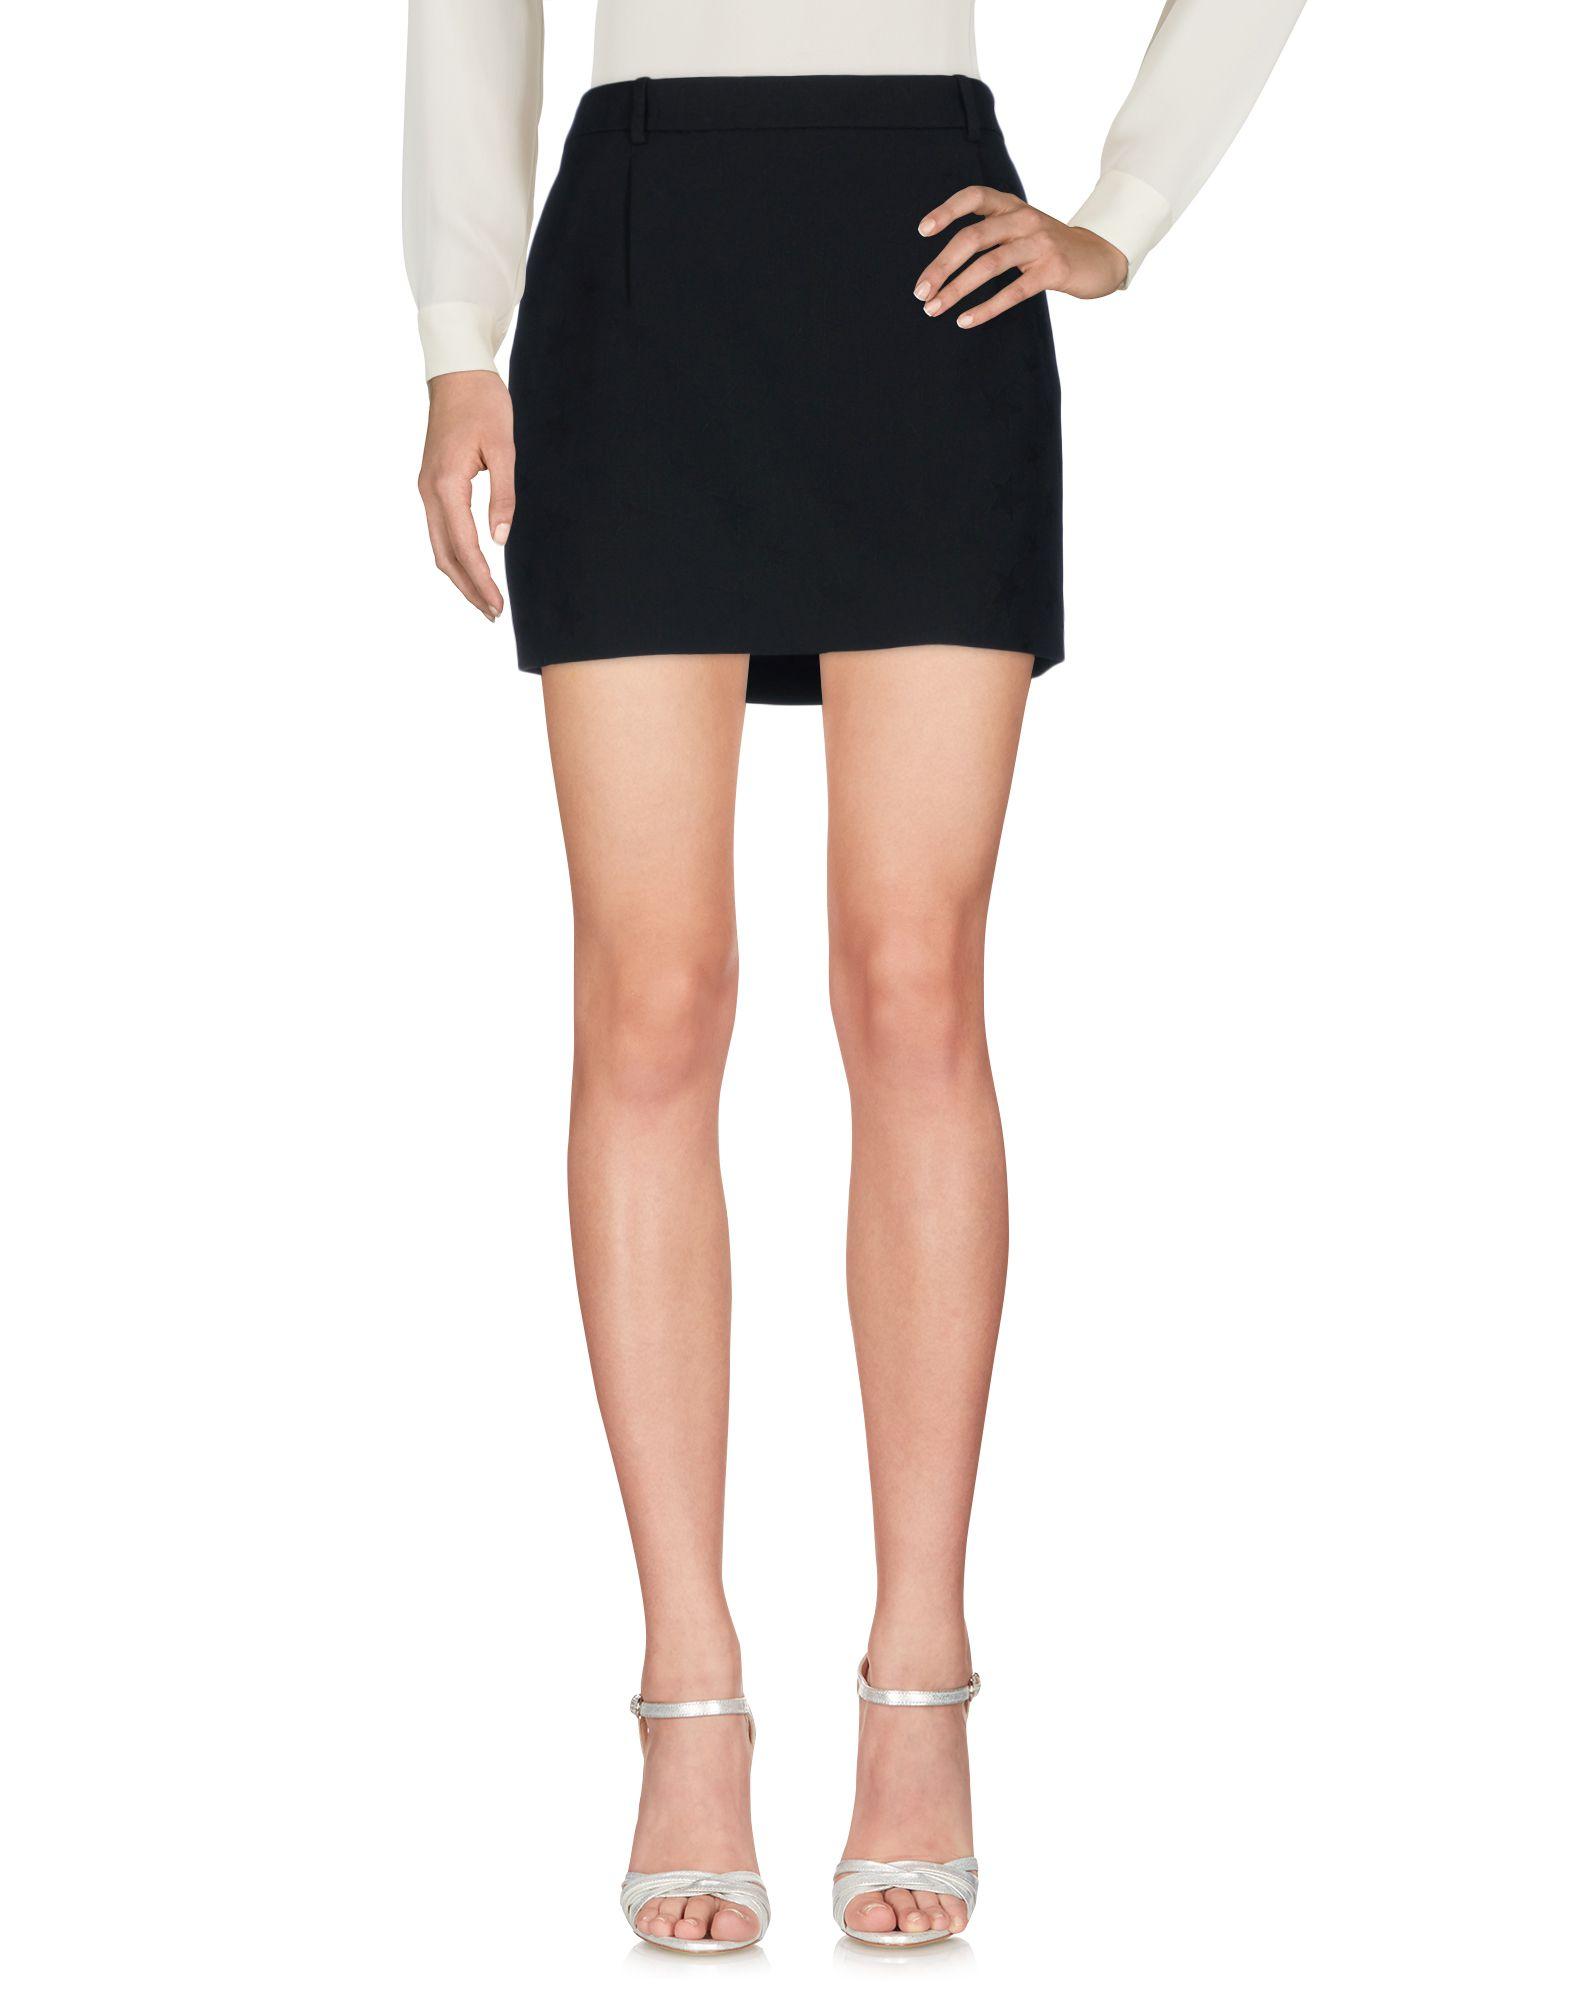 Minigonna Saint Laurent Donna - Acquista online su X1AwtK11N